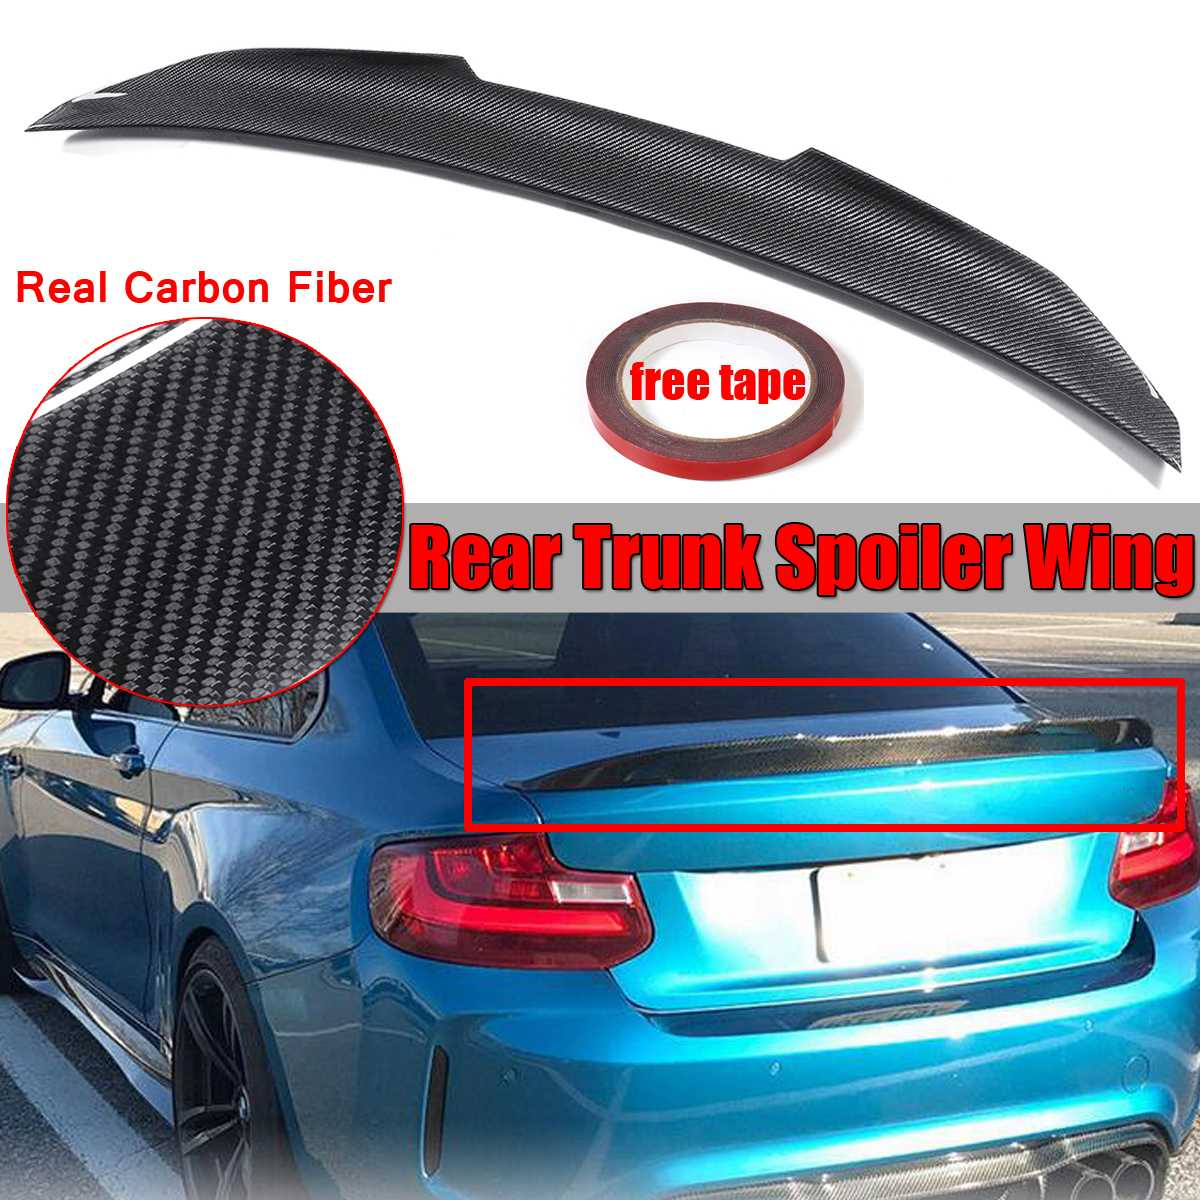 1x fibra de carbono real psm estilo tronco traseiro do carro boot spoiler asa tampa para bmw f22 m235i f87 m2 2014 2015 2016 2017 2018